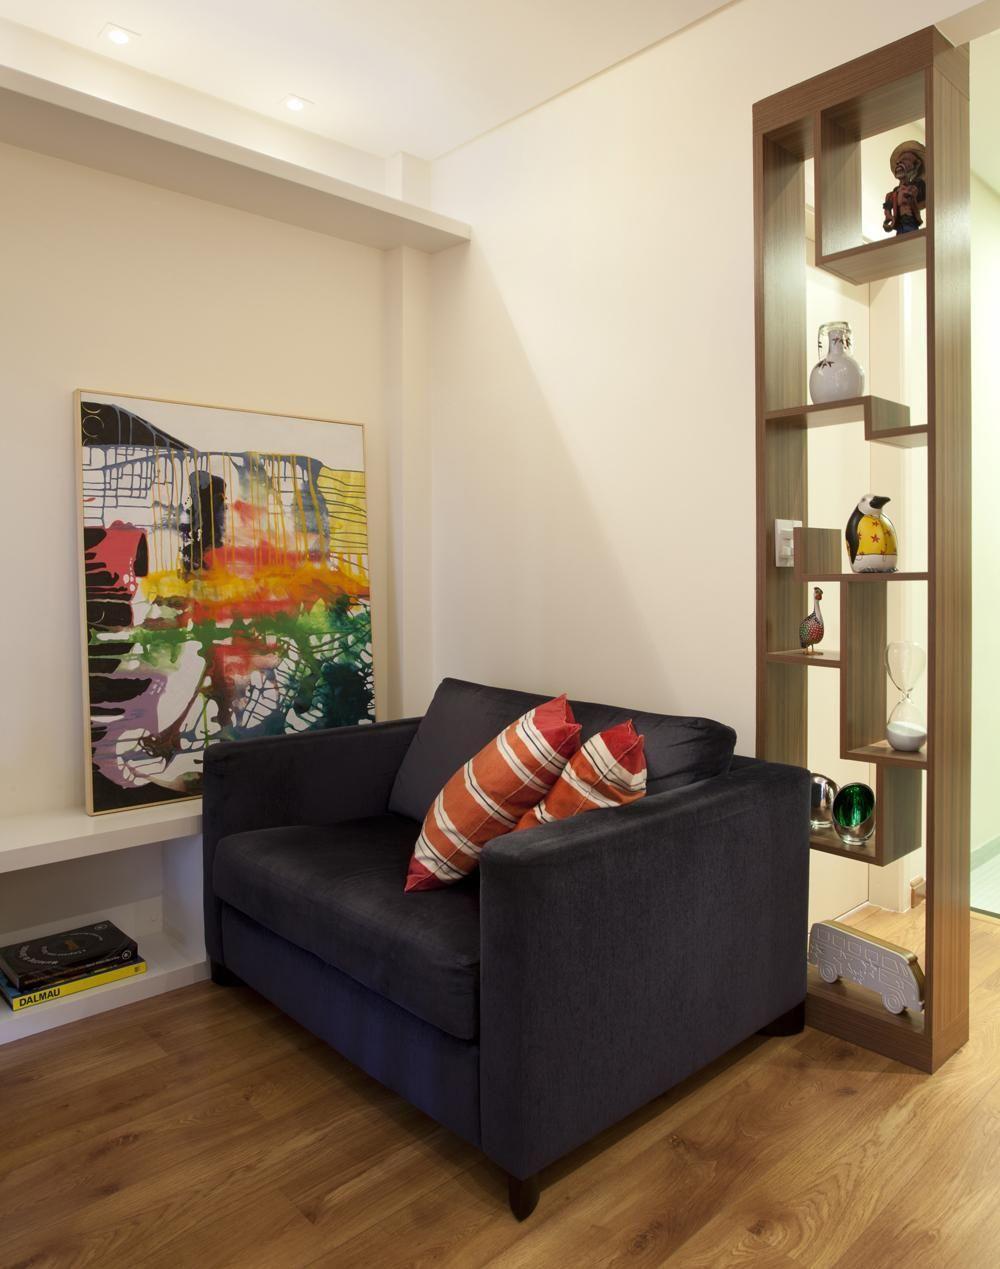 Moveis Para Sala De Estar Pequena Ideias Moveis Para Sala Estar  -> Como Decorar Uma Sala De Estar Muito Pequena